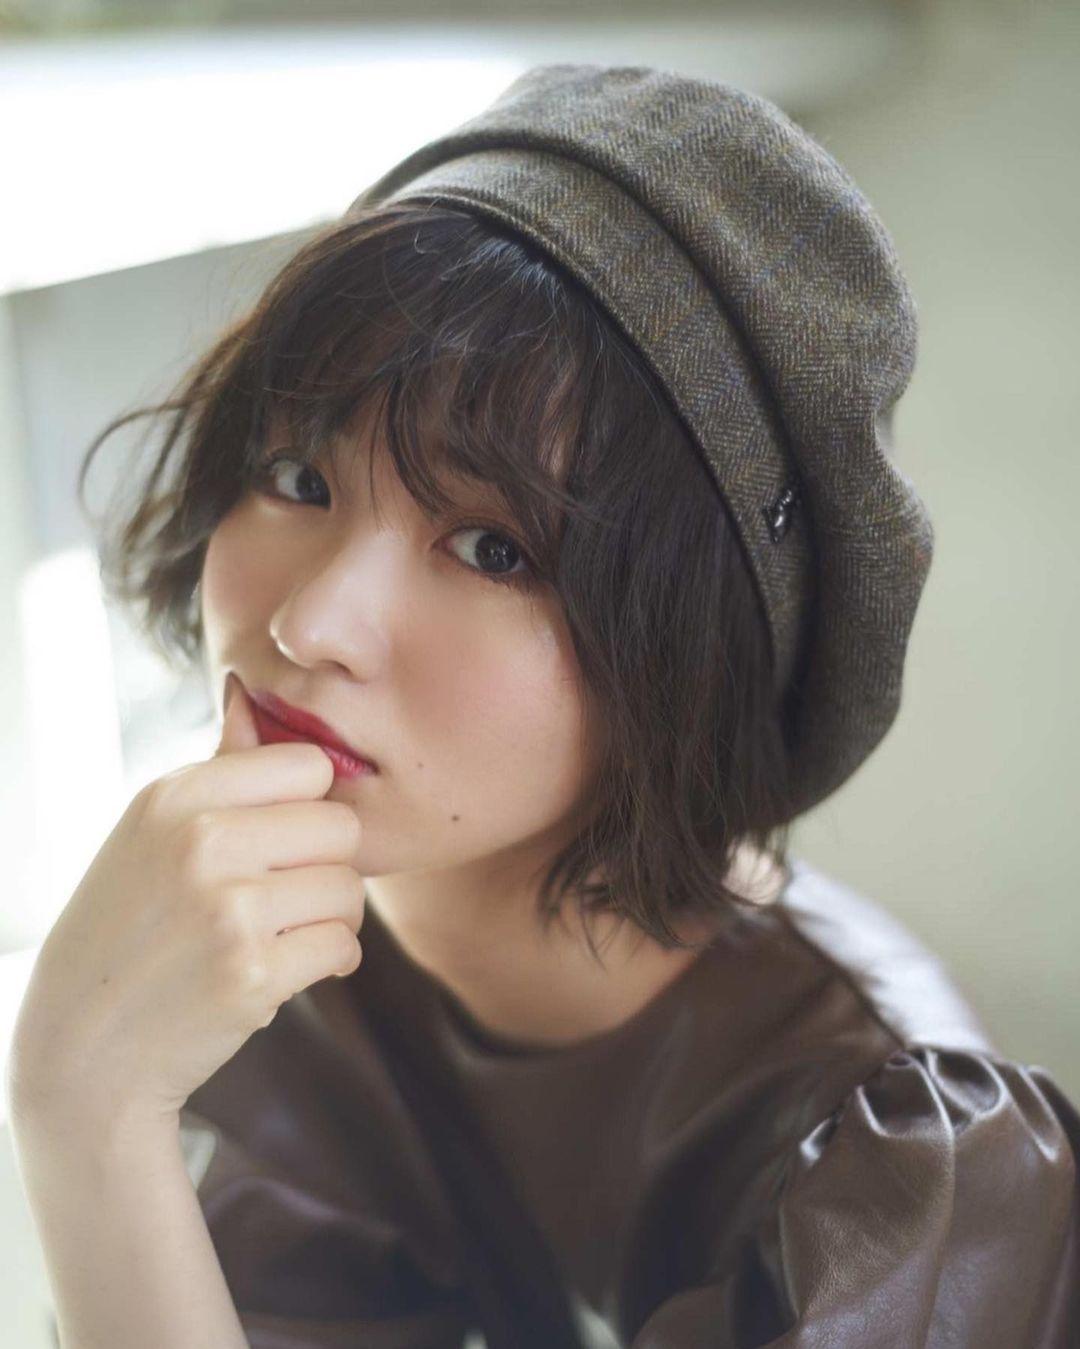 日系时尚杂志模特冈崎纱绘清甜笑容亲和力十足完全就是女友理想型 网络美女 第13张